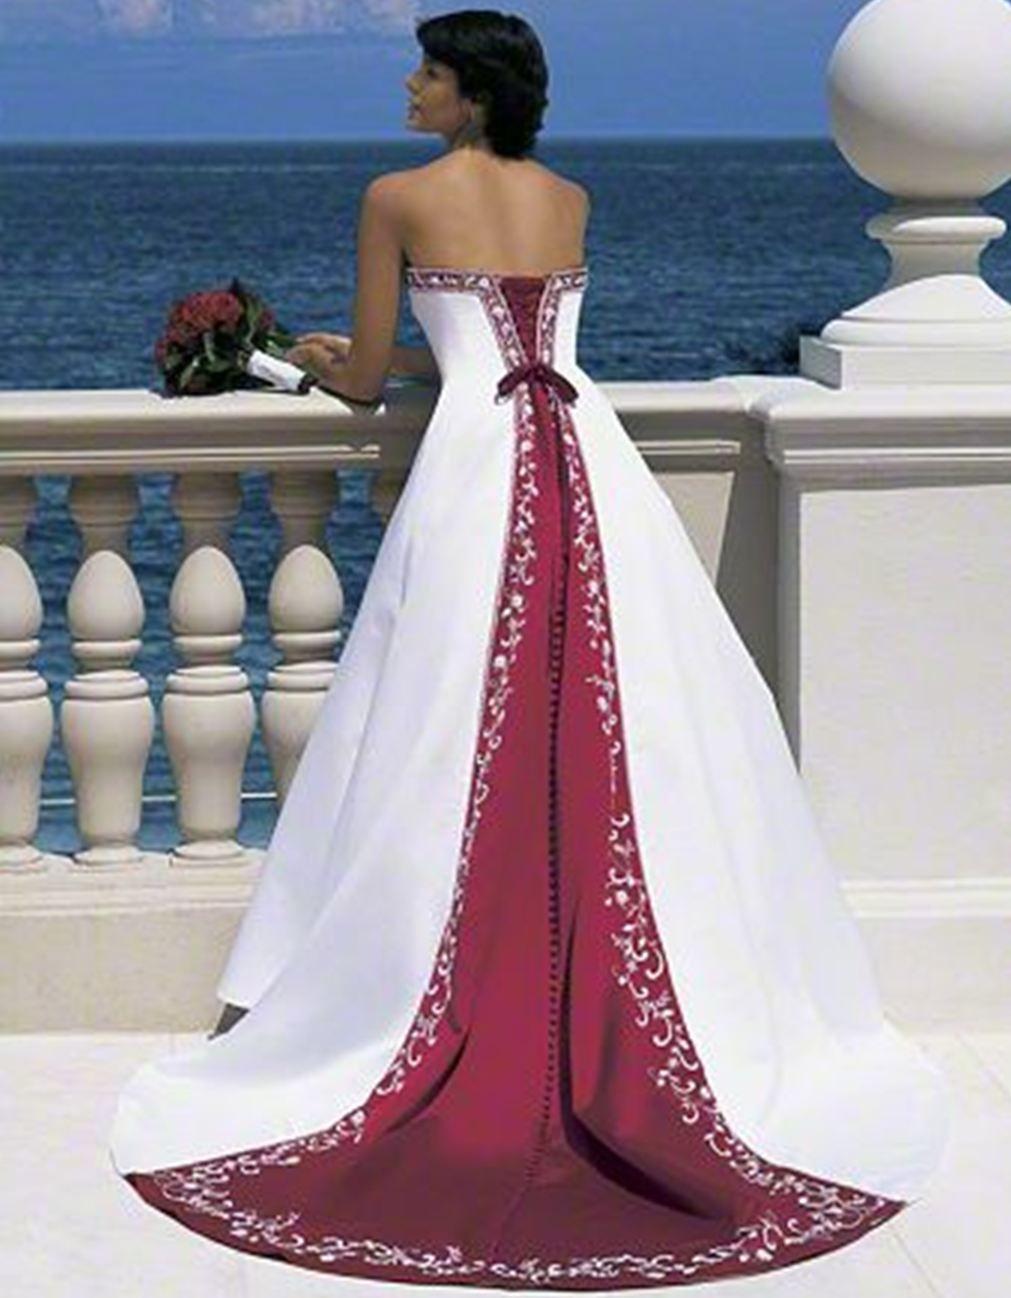 Vestido blanco y rojo espalda bodas novias y noviosclothing and